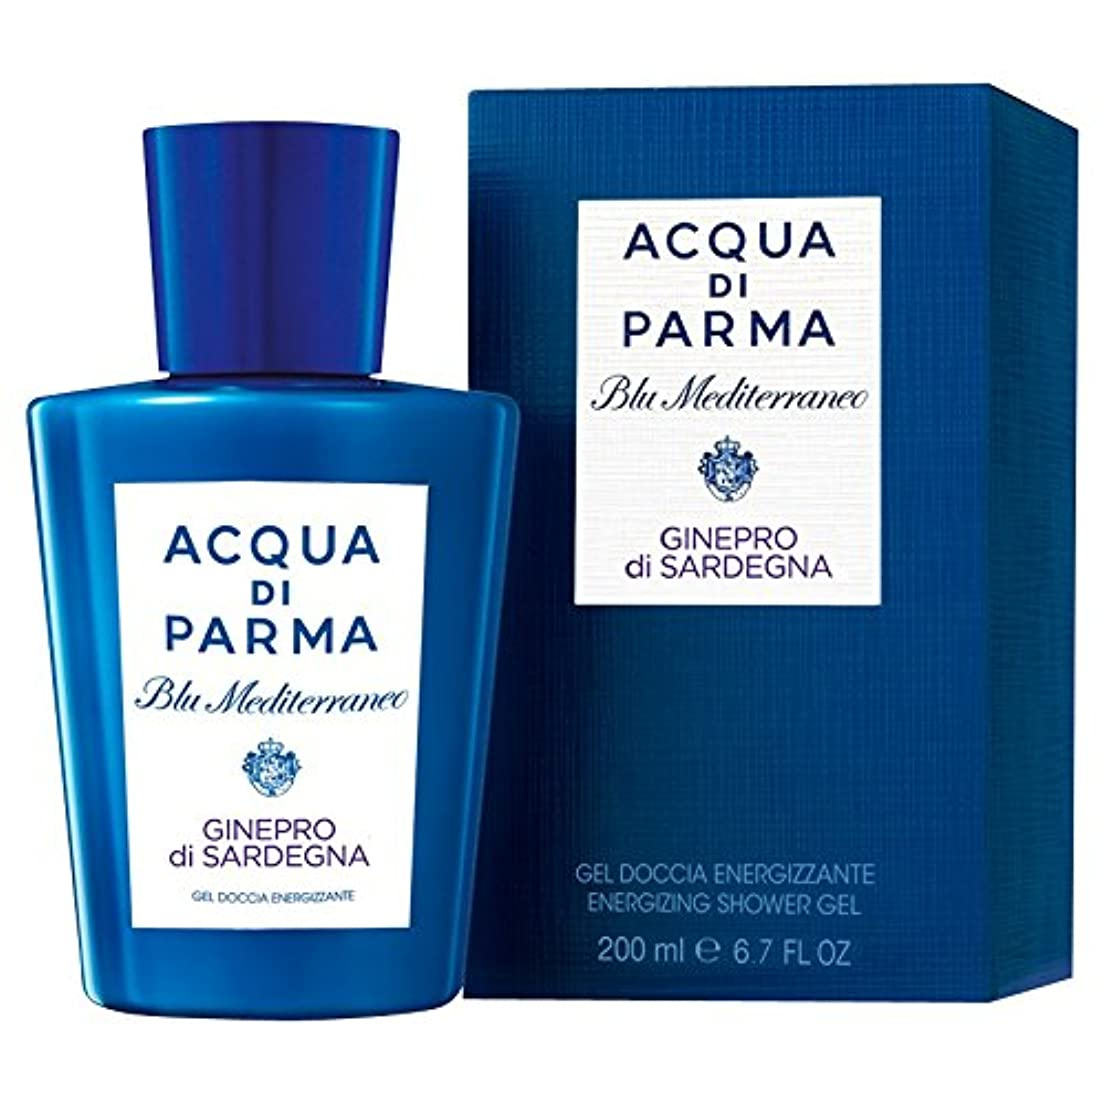 失業者何でも年金受給者アクア?ディ?パルマブルーメディGineproのディサルデーニャシャワージェル200ミリリットル (Acqua di Parma) - Acqua di Parma Blu Mediterraneo Ginepro Di Sardegna Shower Gel 200ml [並行輸入品]